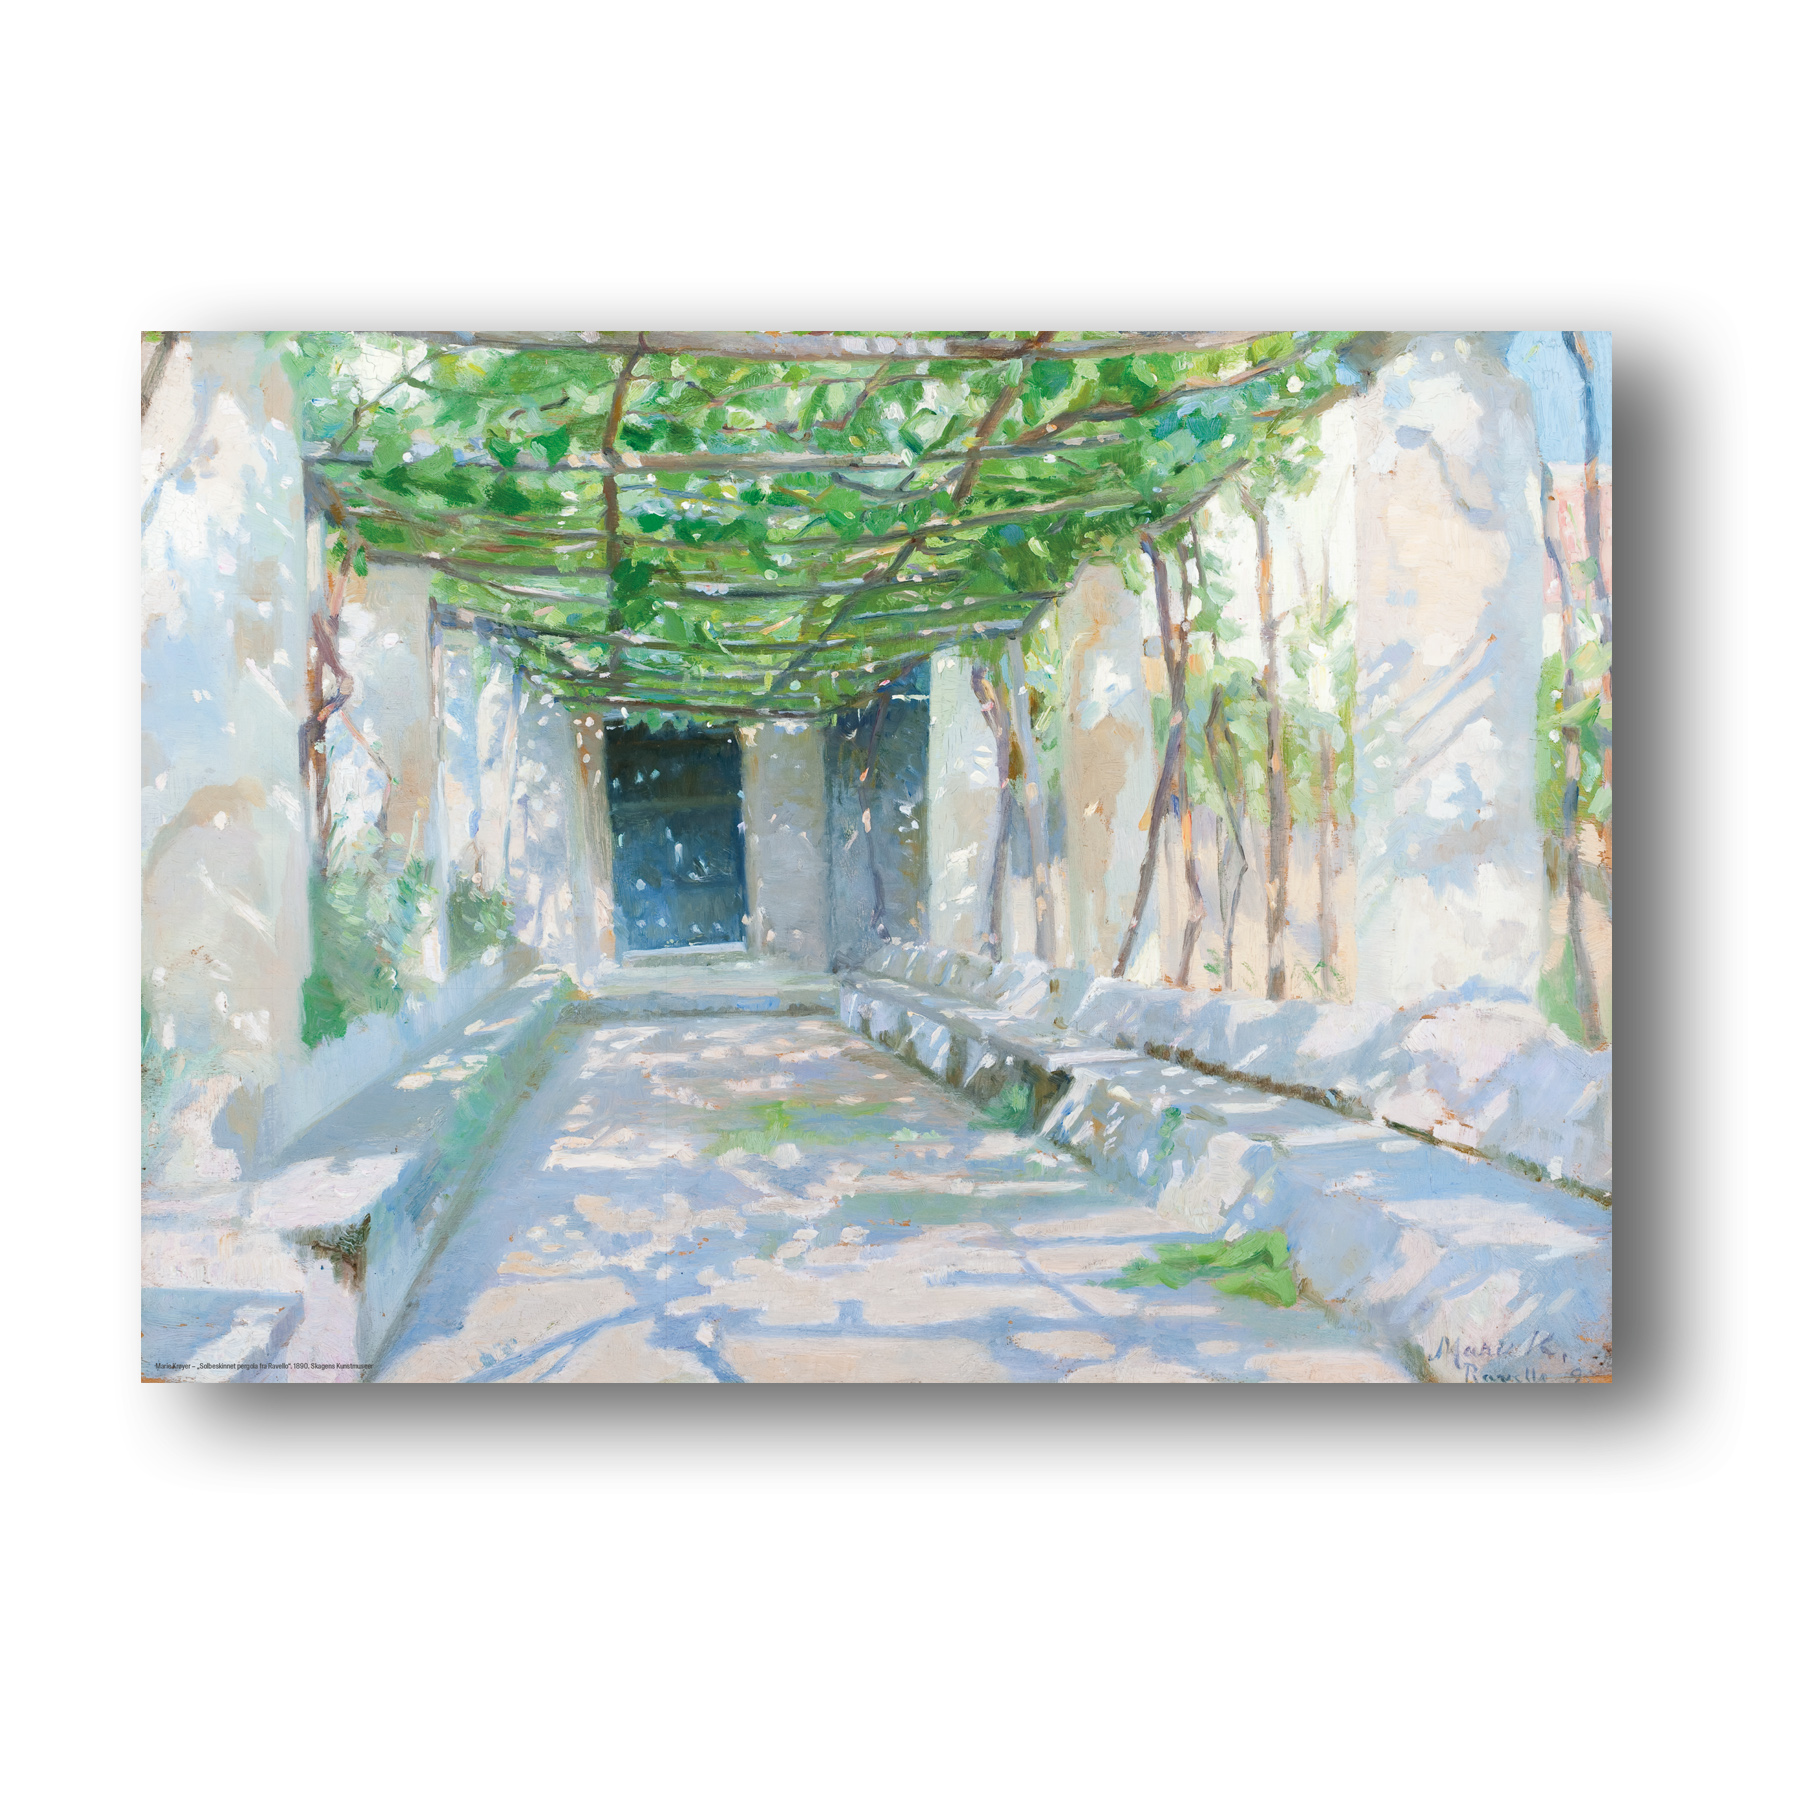 Plakat med motiv malet af Marie krøyer